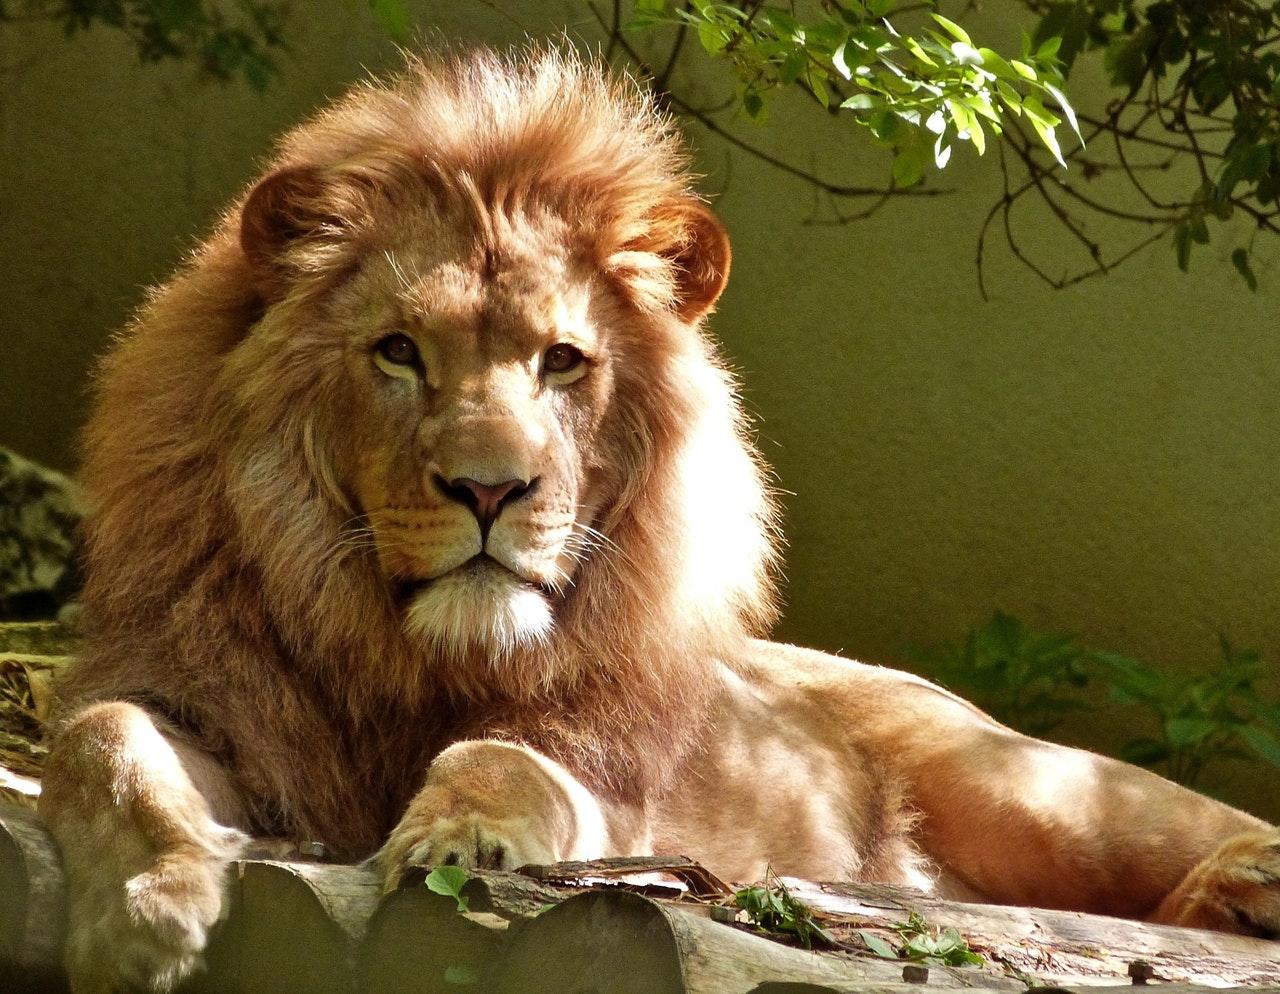 Sonhar com leão remete aos valores da família, da sabedoria e da ferocidade